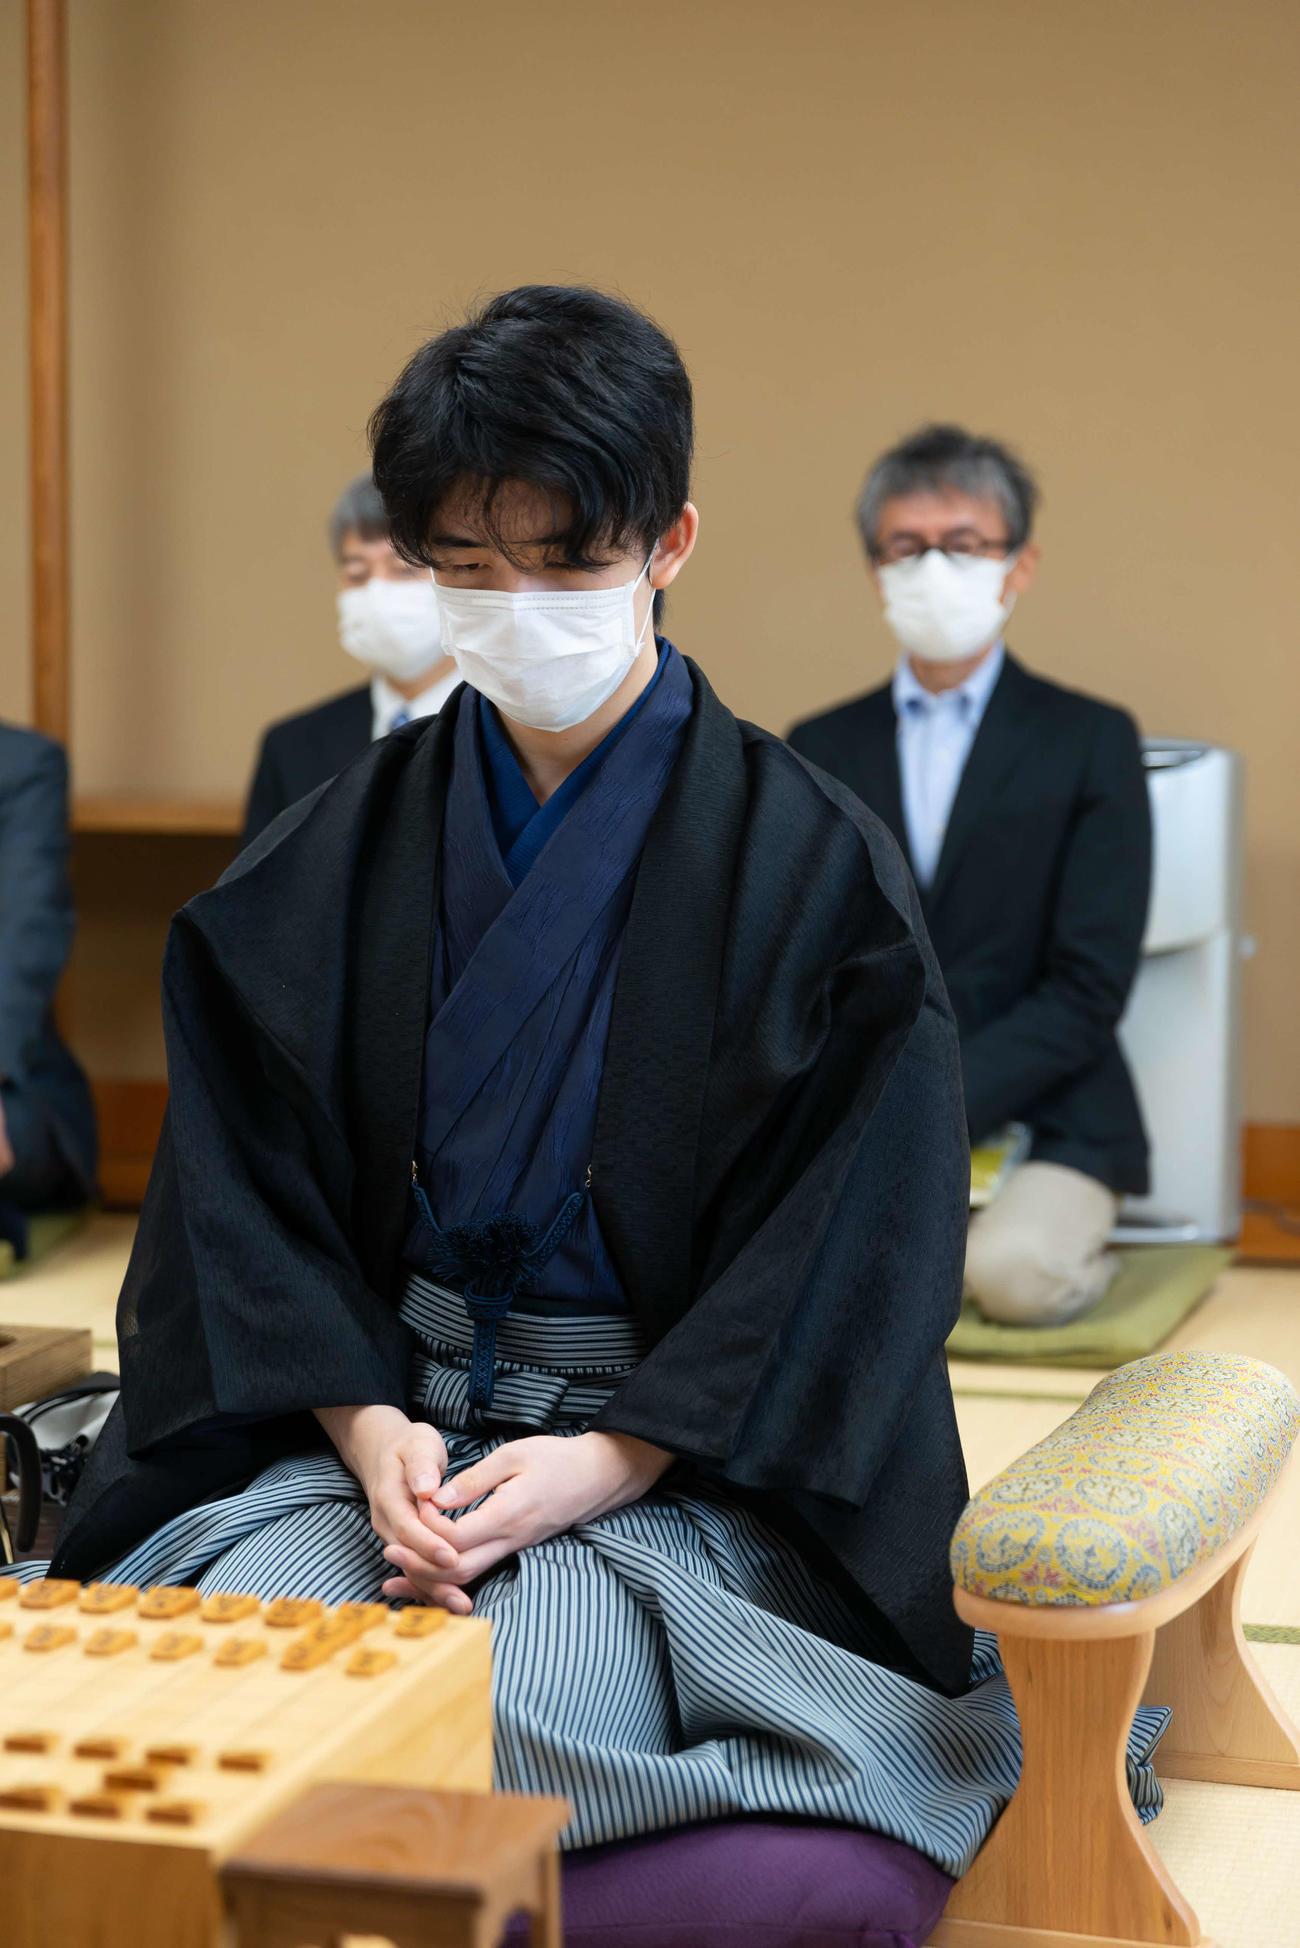 タイトル戦では初めてとなる和服姿で入室した藤井聡太七段(日本将棋連盟提供)